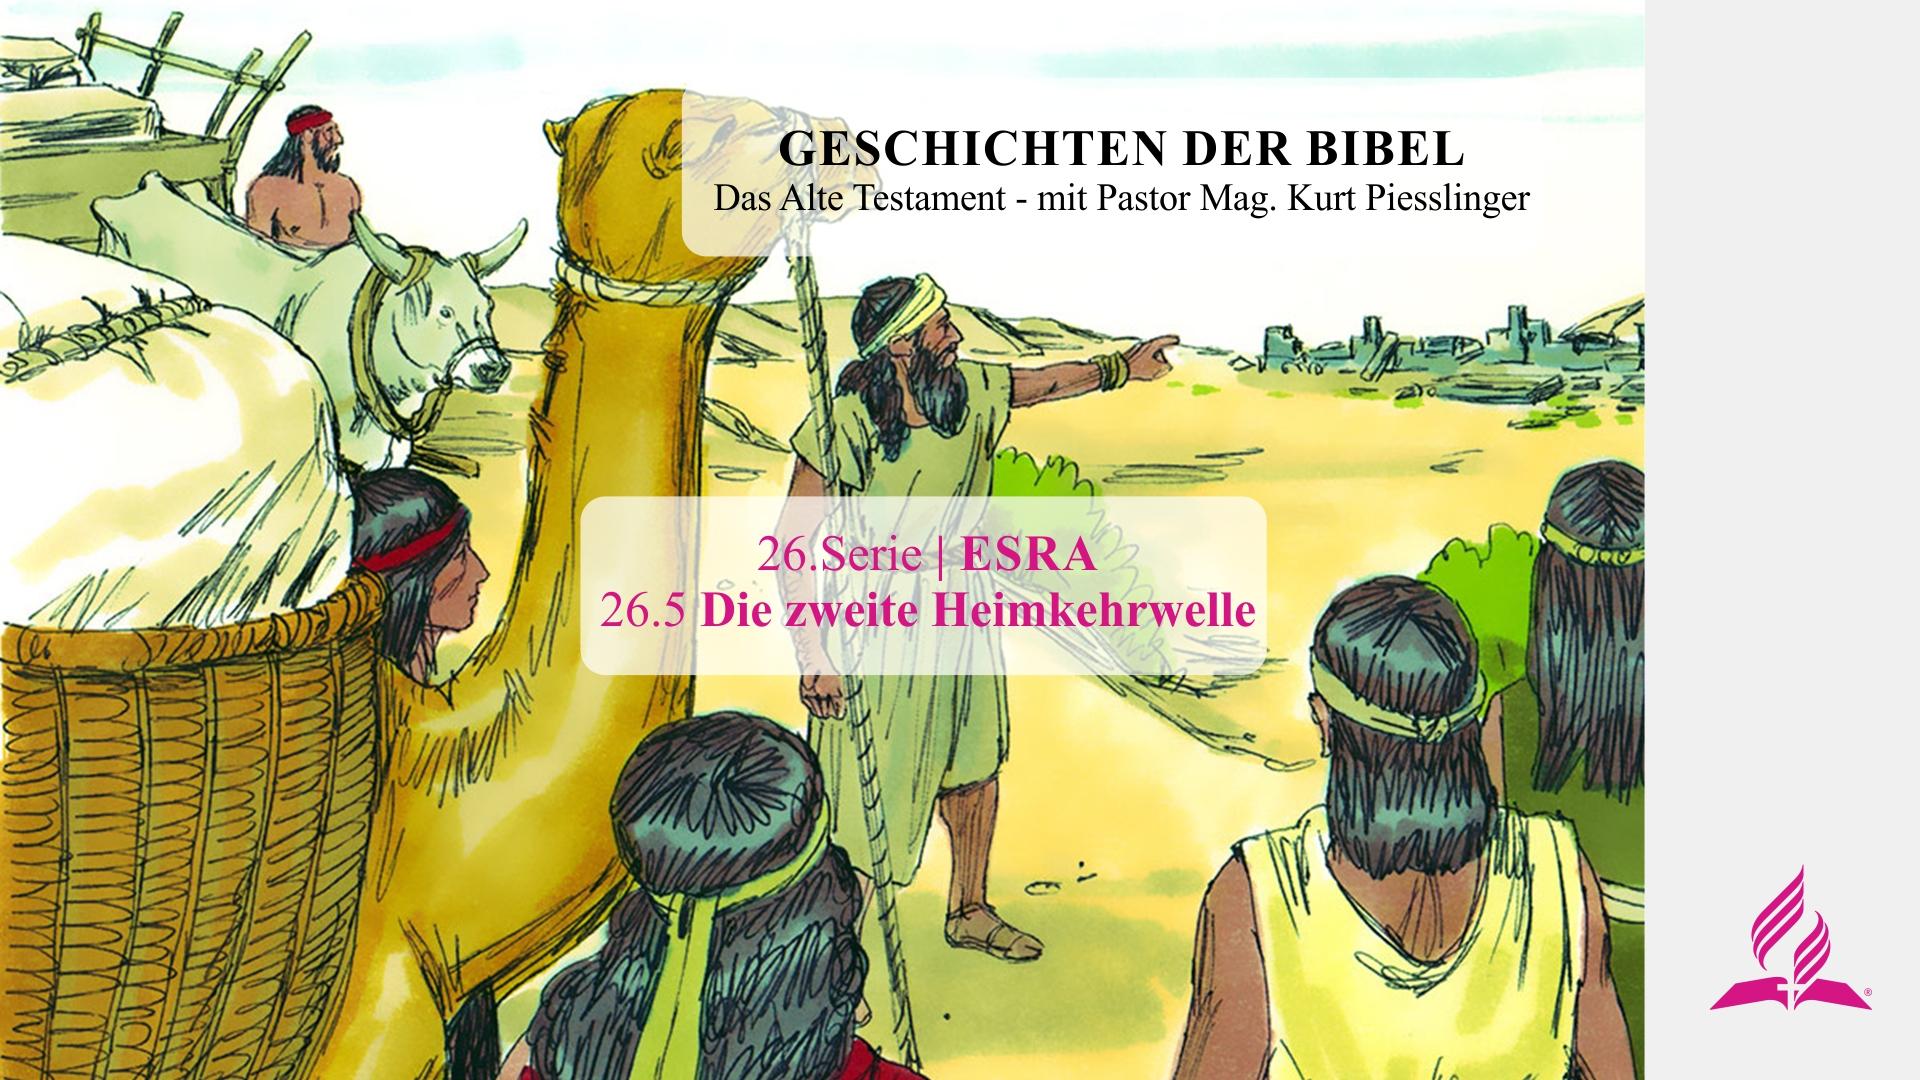 GESCHICHTEN DER BIBEL: 26.5 Die zweite Heimkehrwelle – 26.ESRA   Pastor Mag. Kurt Piesslinger